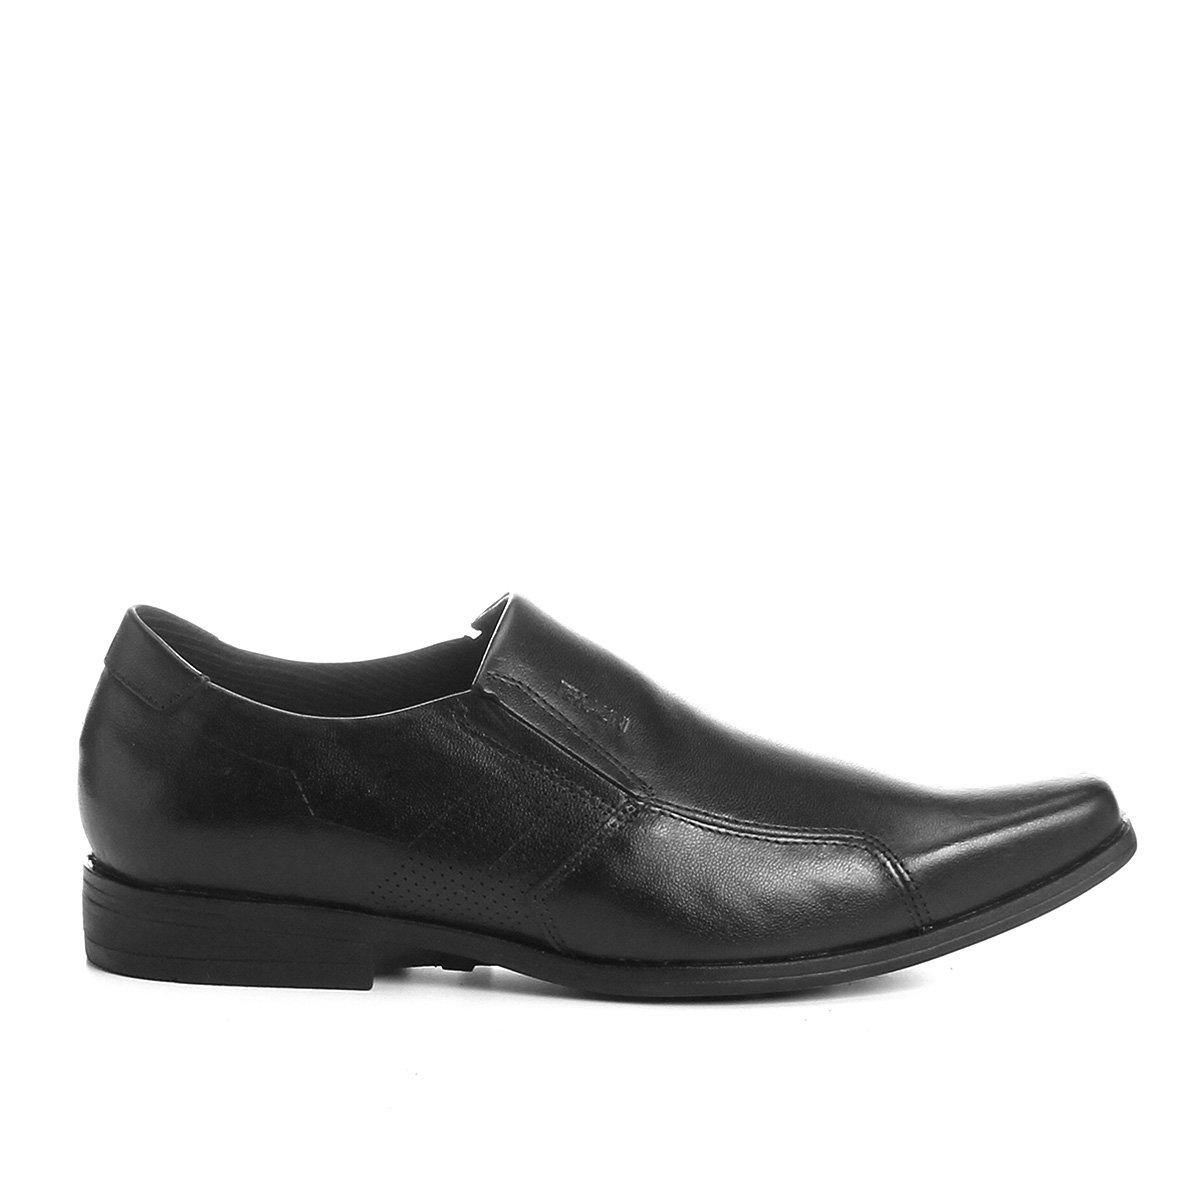 Sapato Preto Masculino Couro Social Perfuros Ferracini Sapato Social 0OwqZw